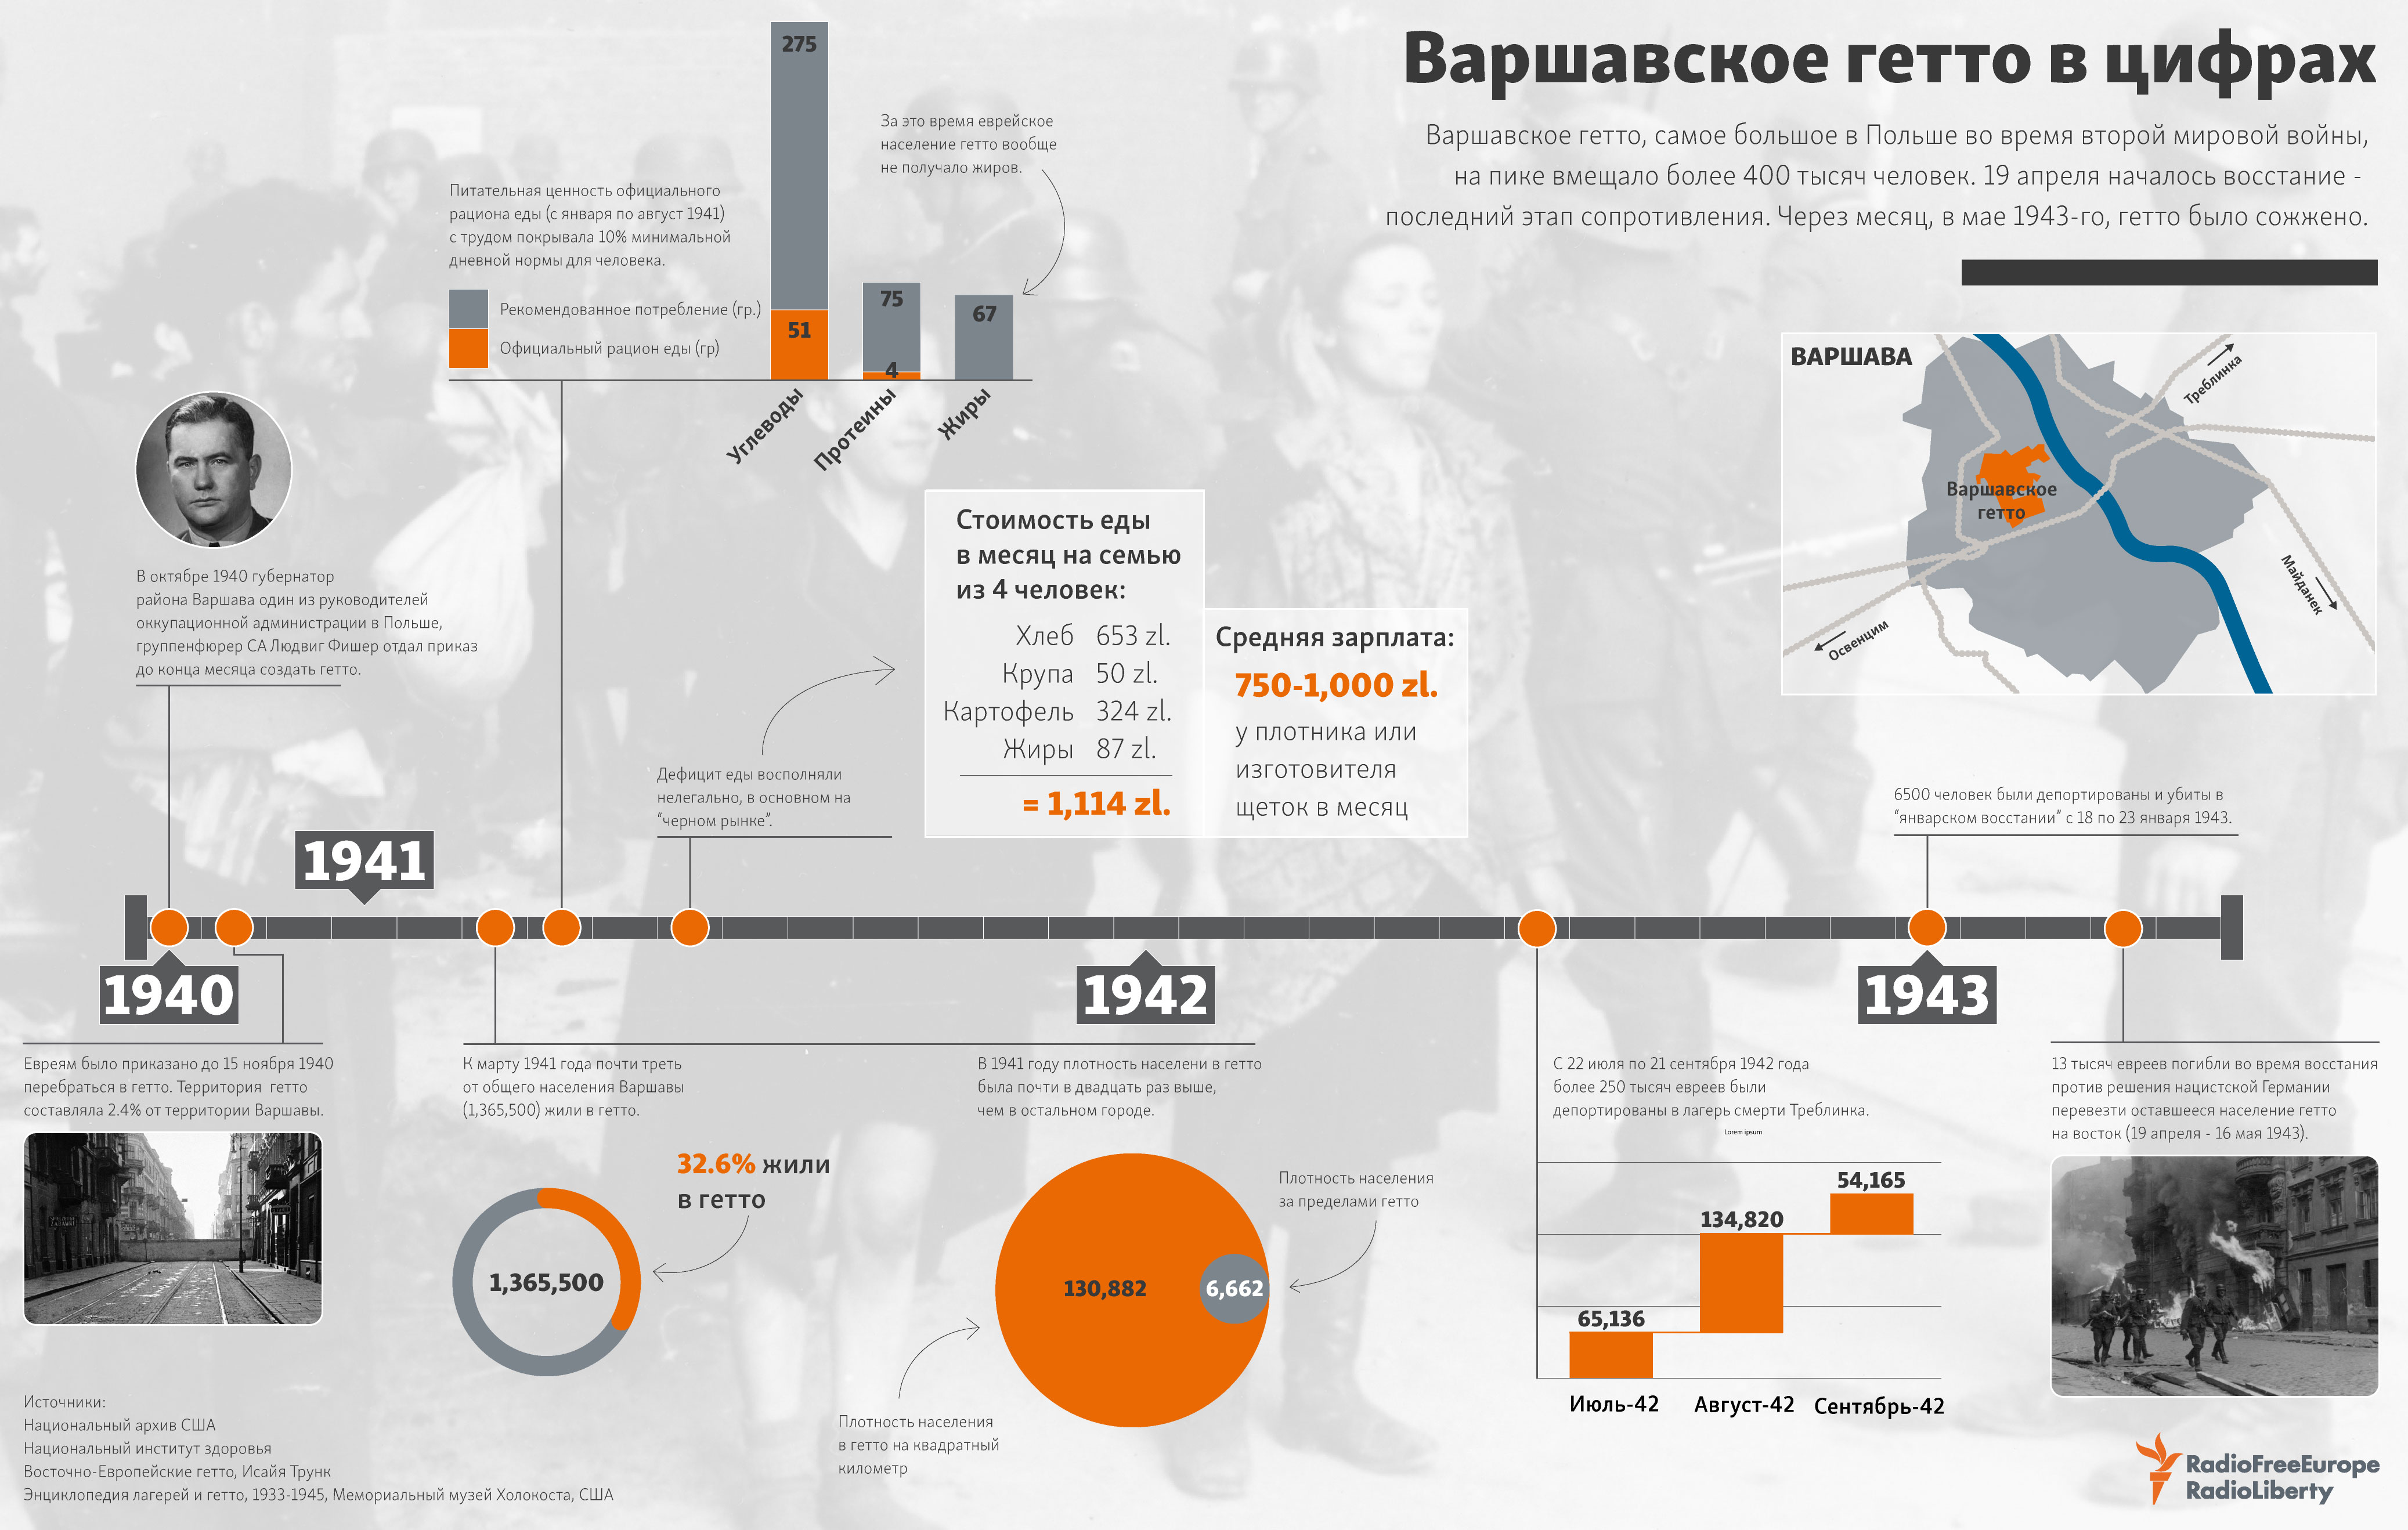 75 лет восстанию в Варшавском гетто